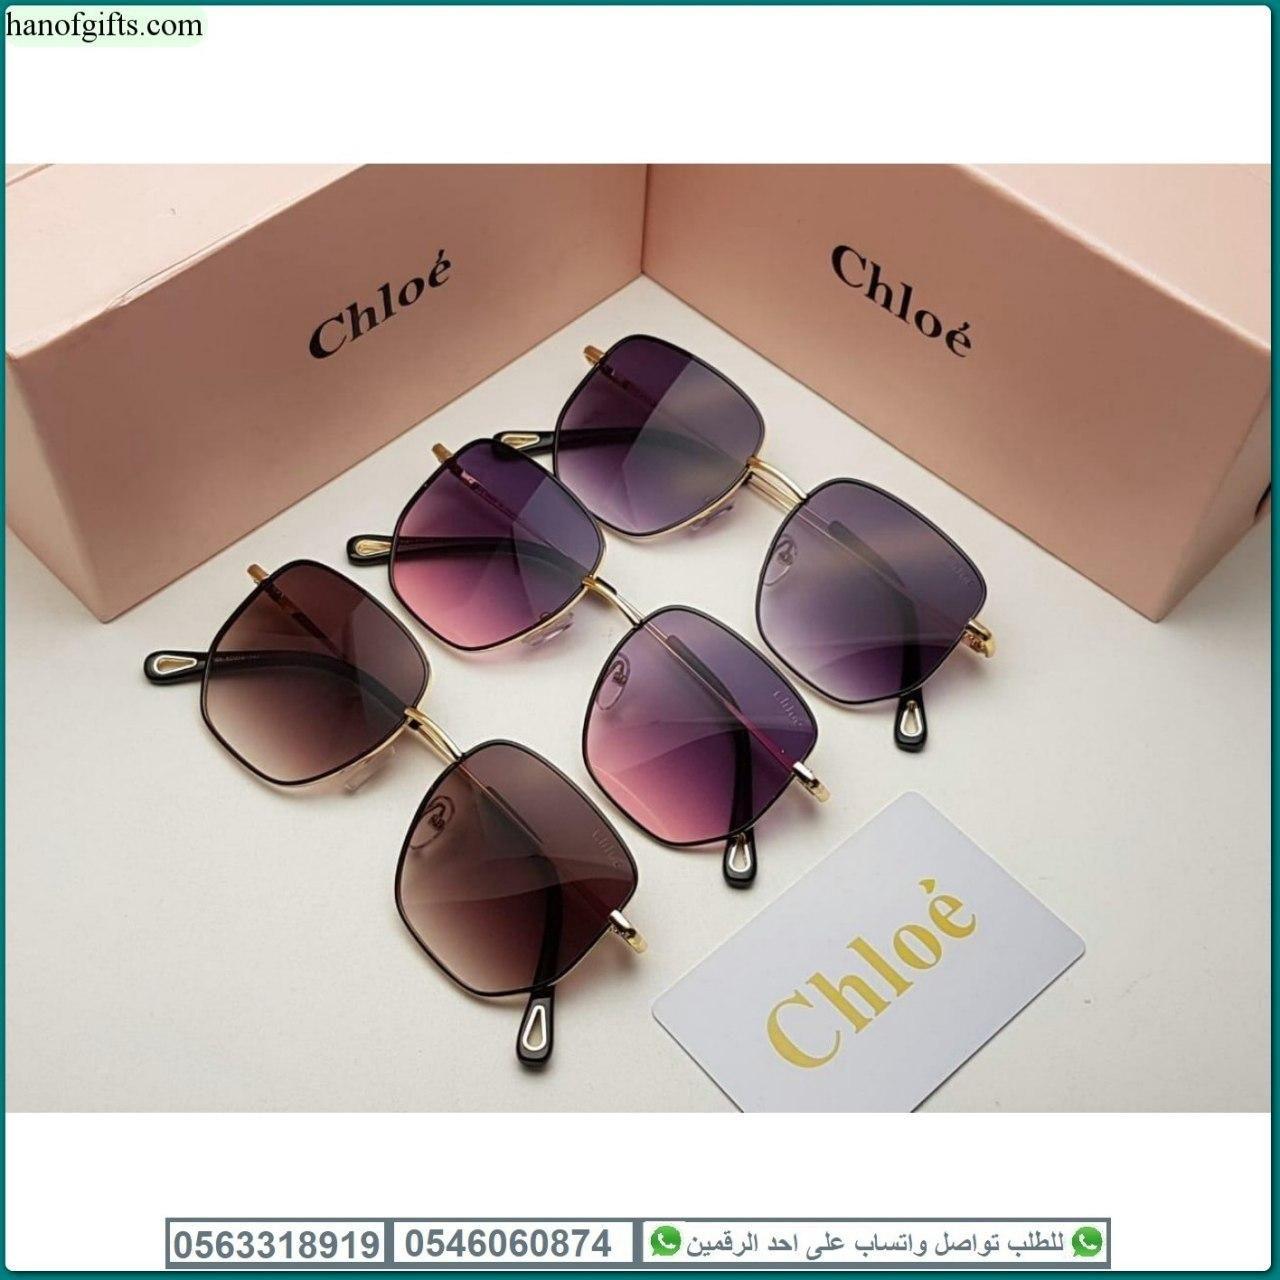 نظارات كلوي رجالي درجه اولى مع جميع ملحقاتها هدايا هنوف Glasses Oval Sunglass Sunglasses